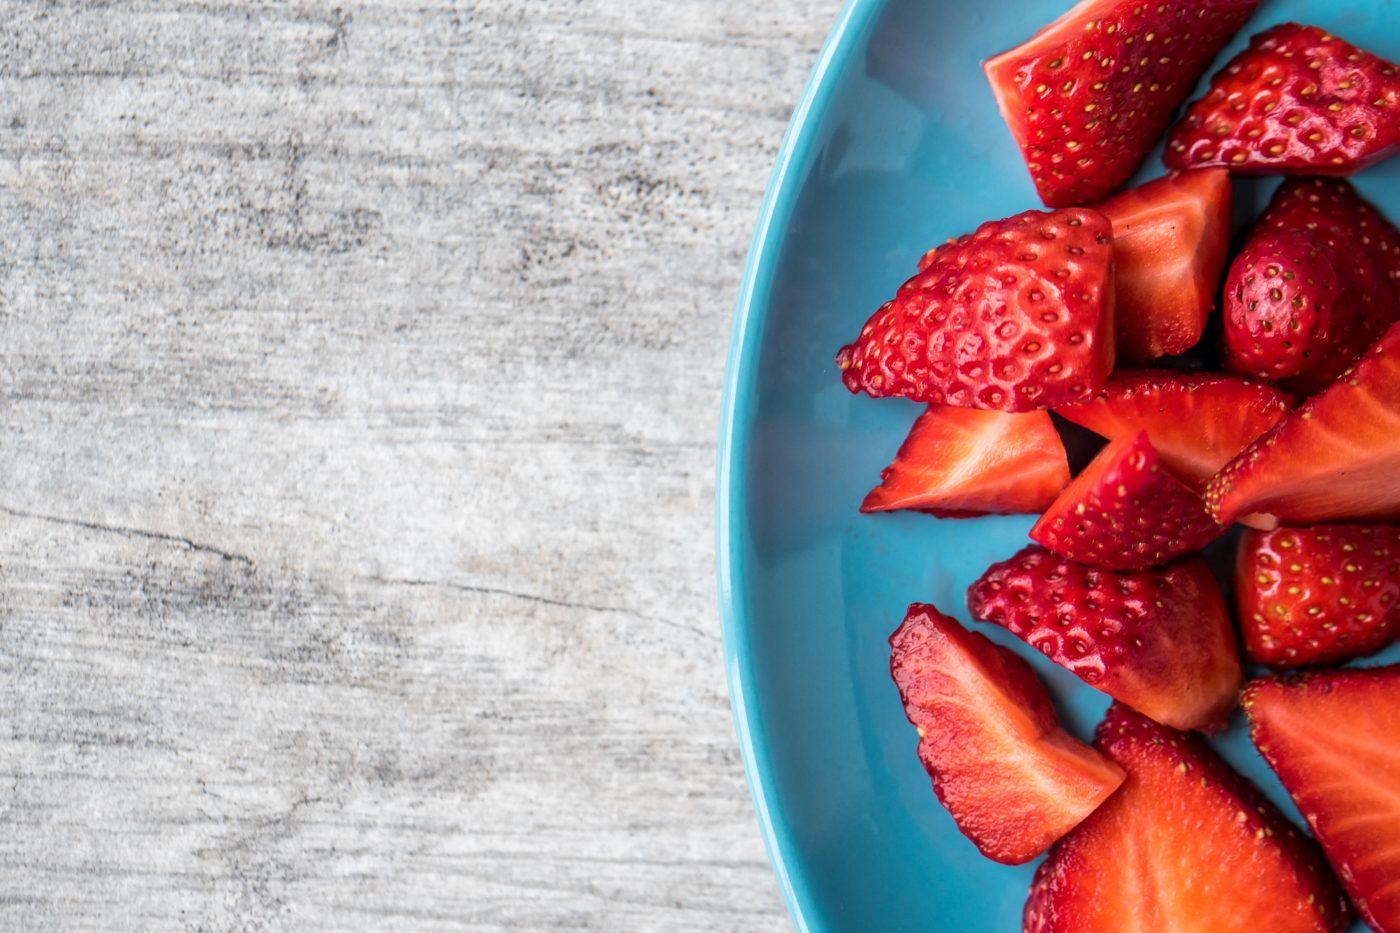 risotto alle fragole - fragoline - ricetta studio dentistico hazen pordenone